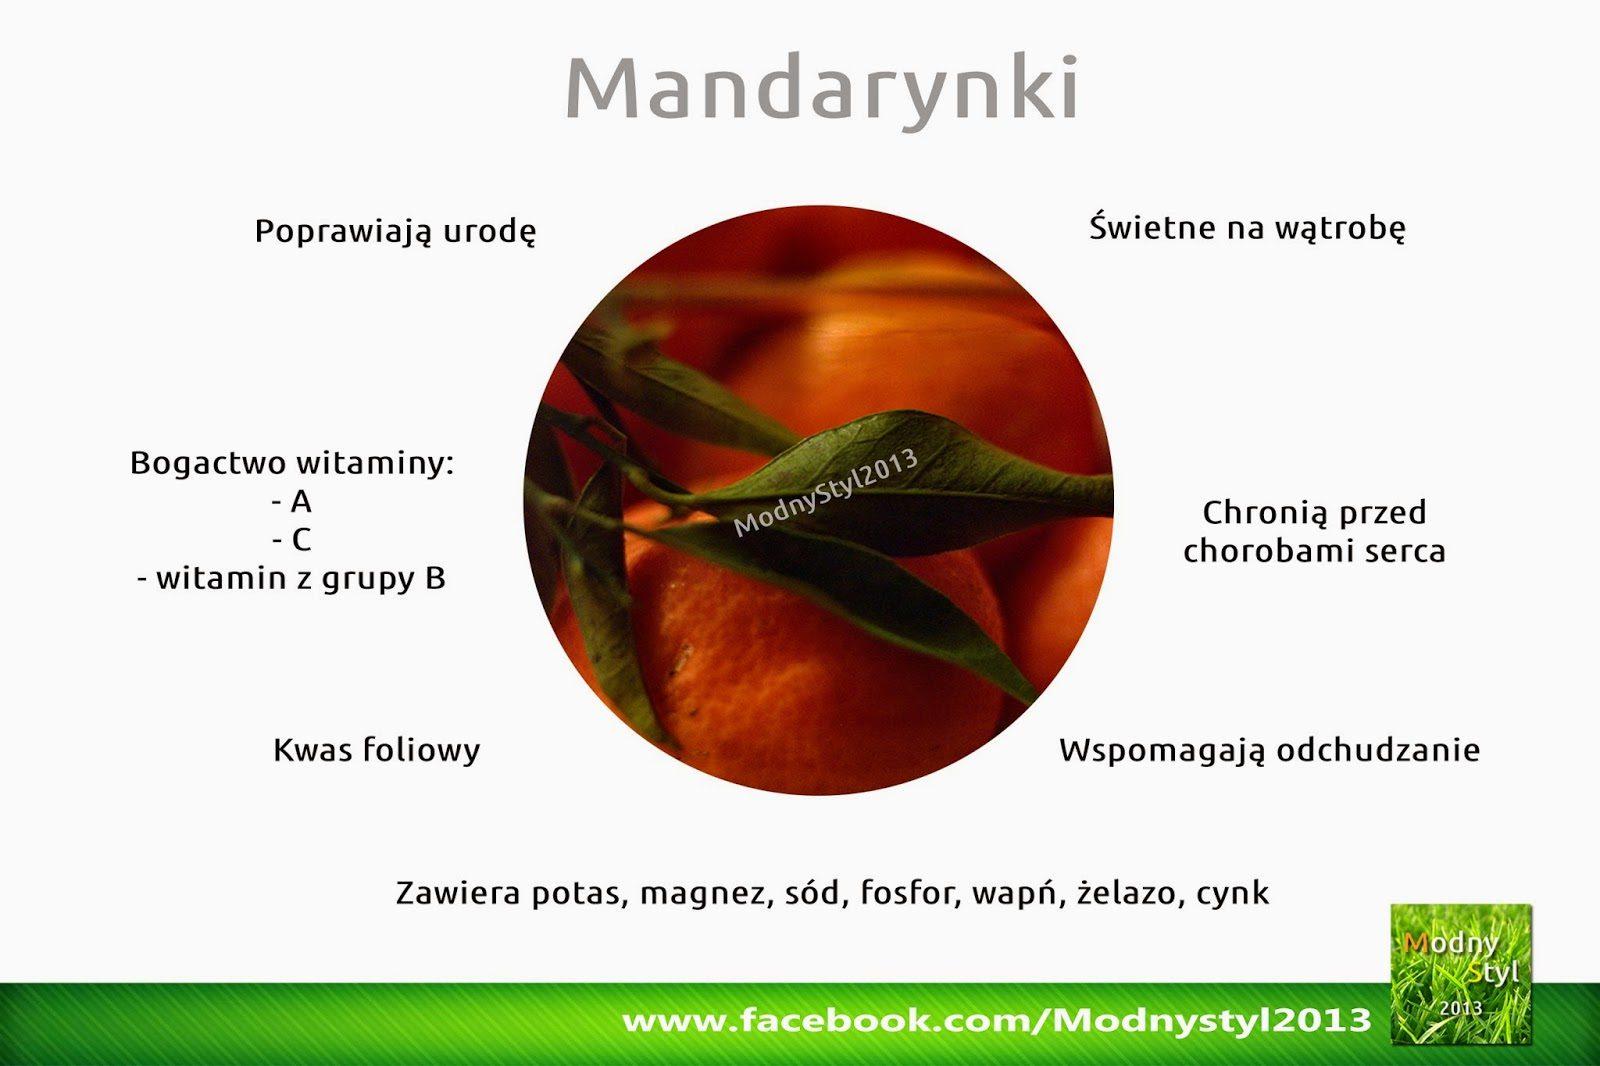 manadarynki-5575855